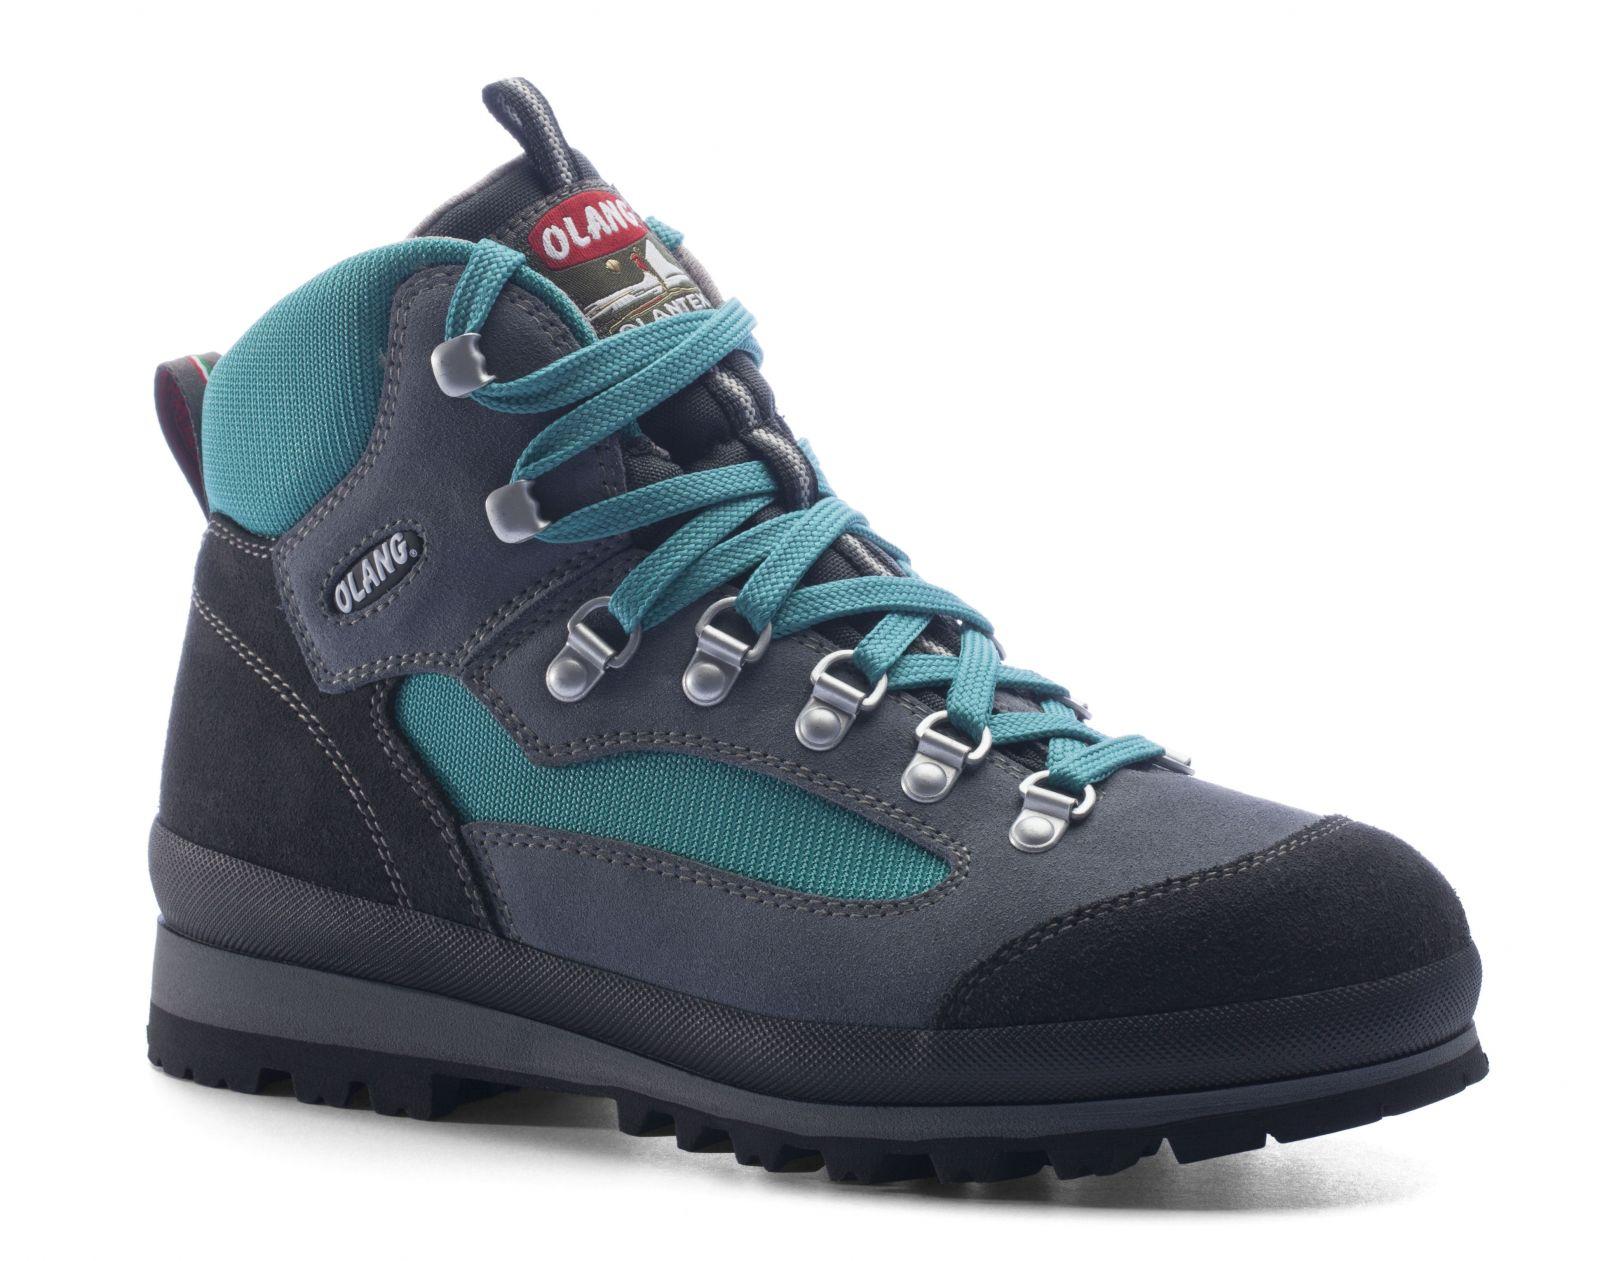 Olang Losanna 860 Jeans dámská treková bota